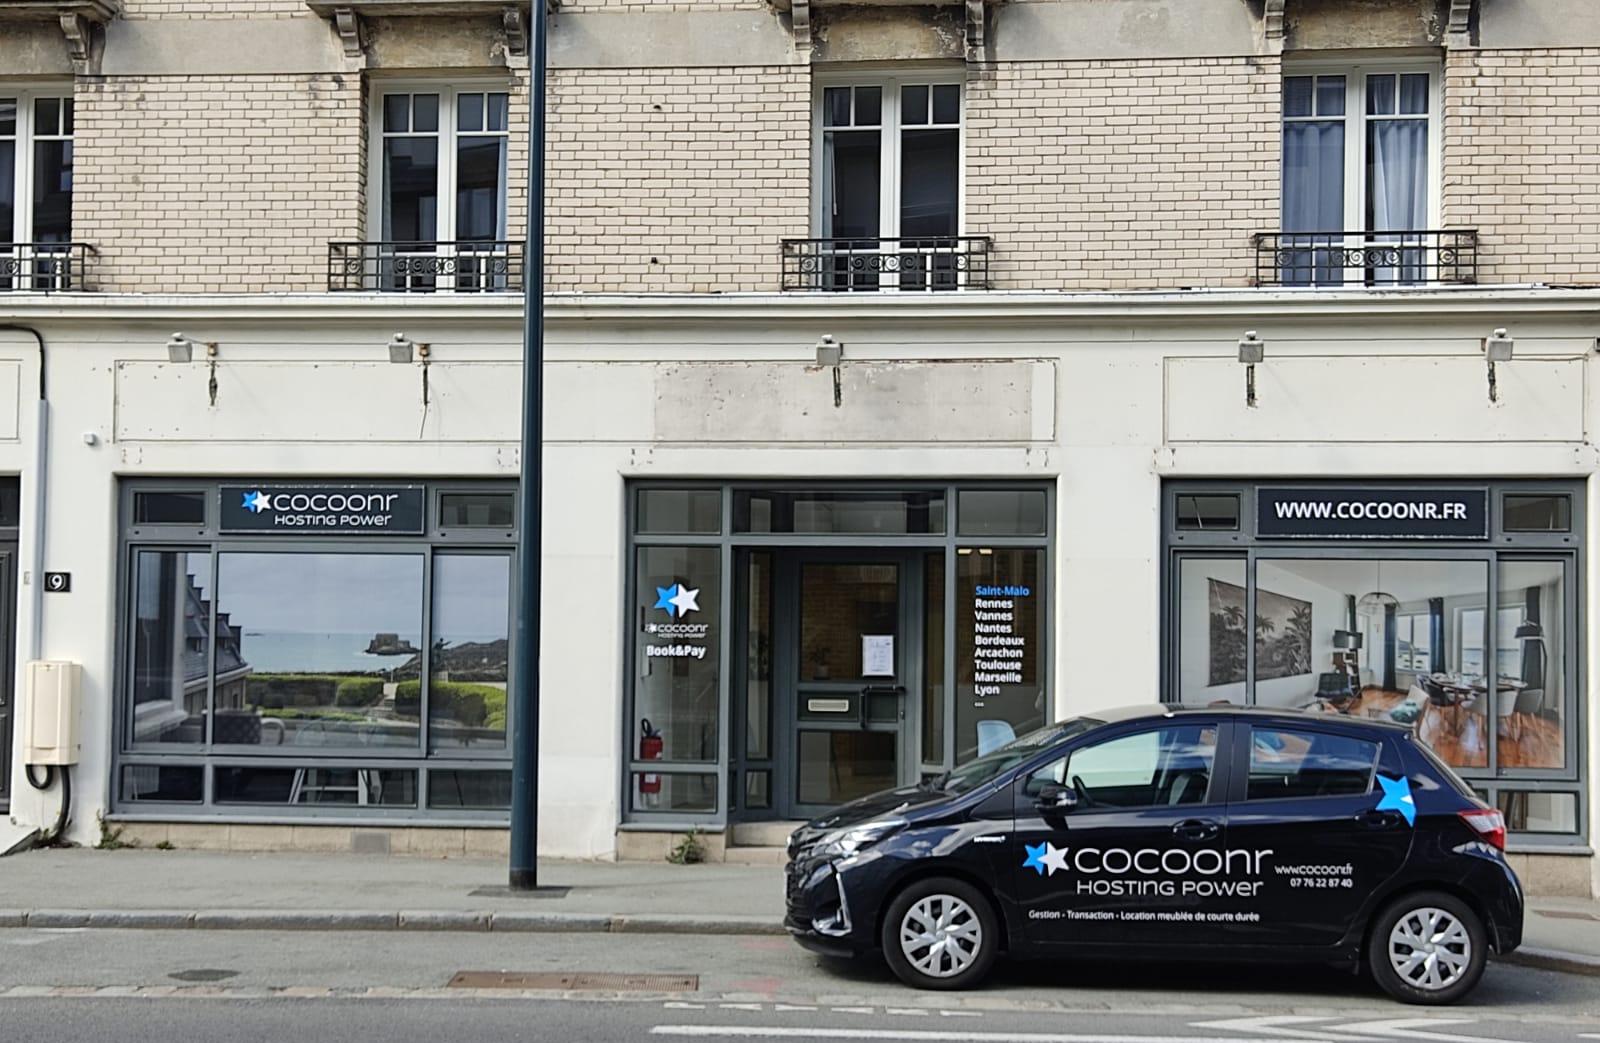 Photo Agence Cocoonr - Conciergerie Airbnb à Saint-Malo